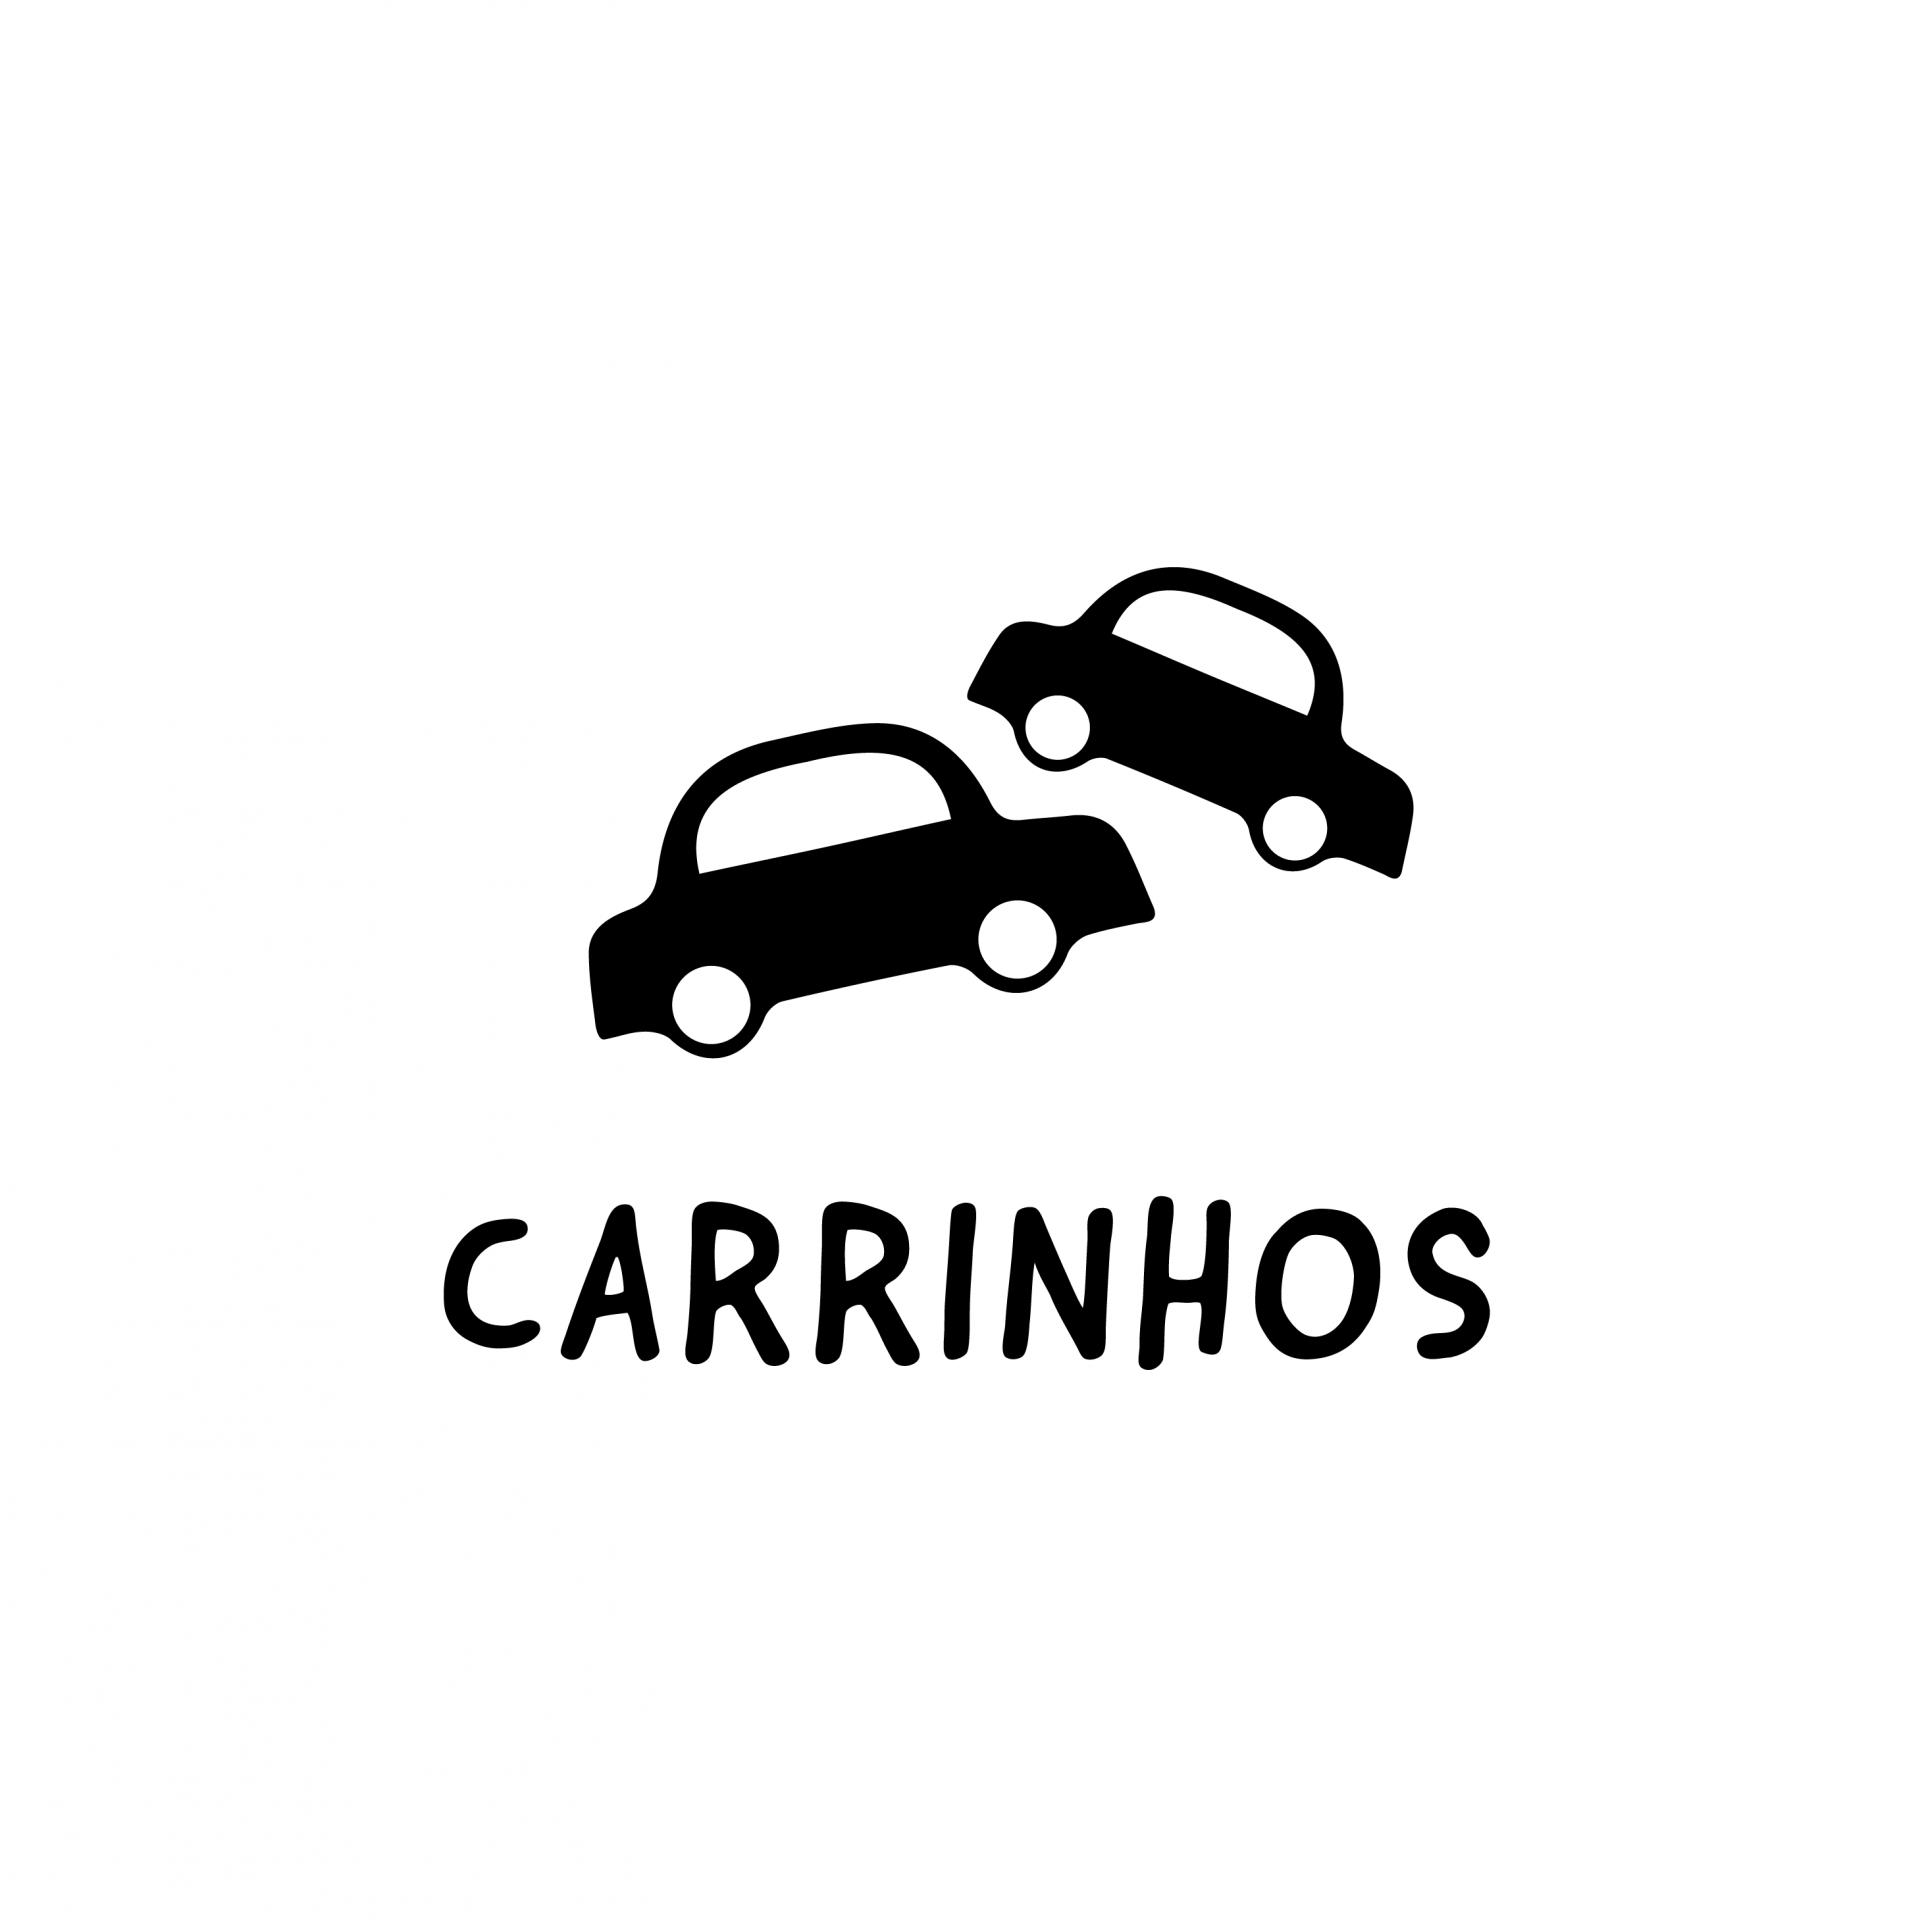 Carrinhos 01